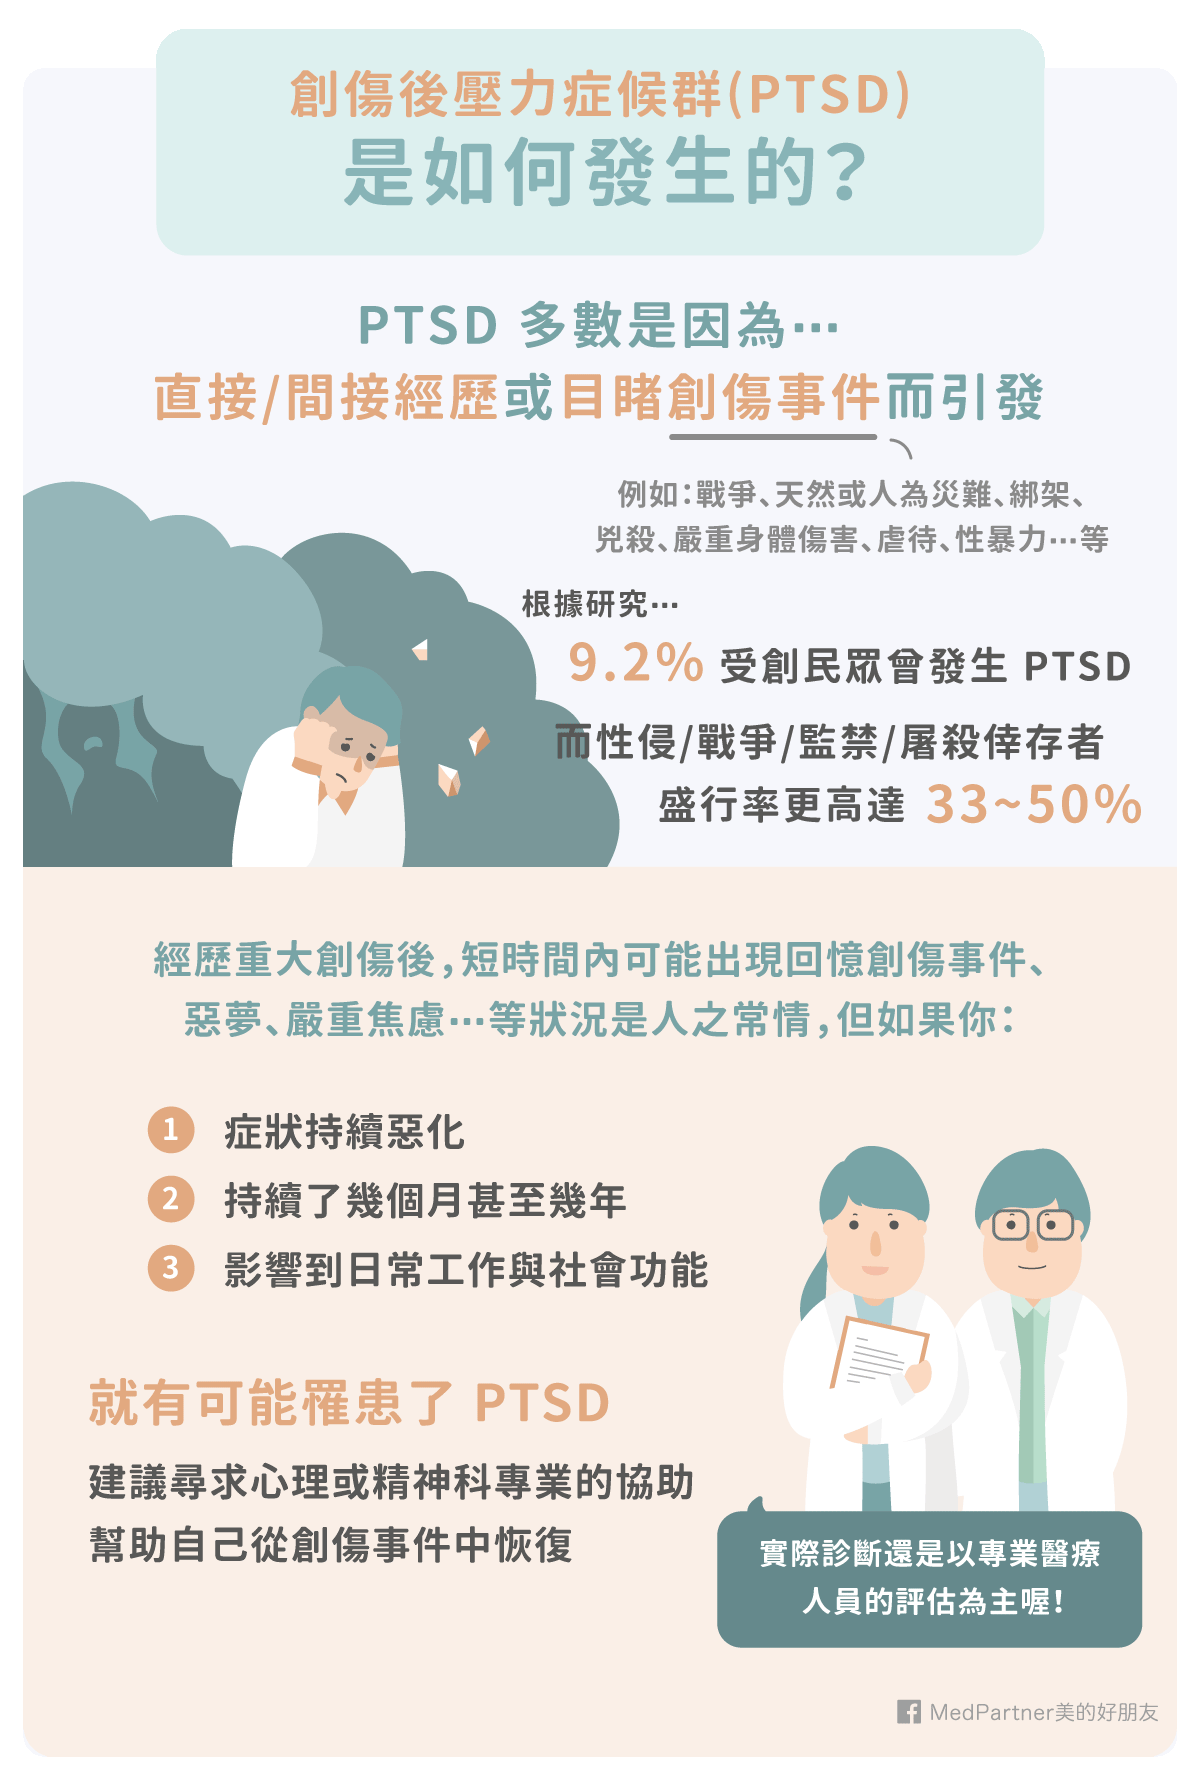 PTSD_成因